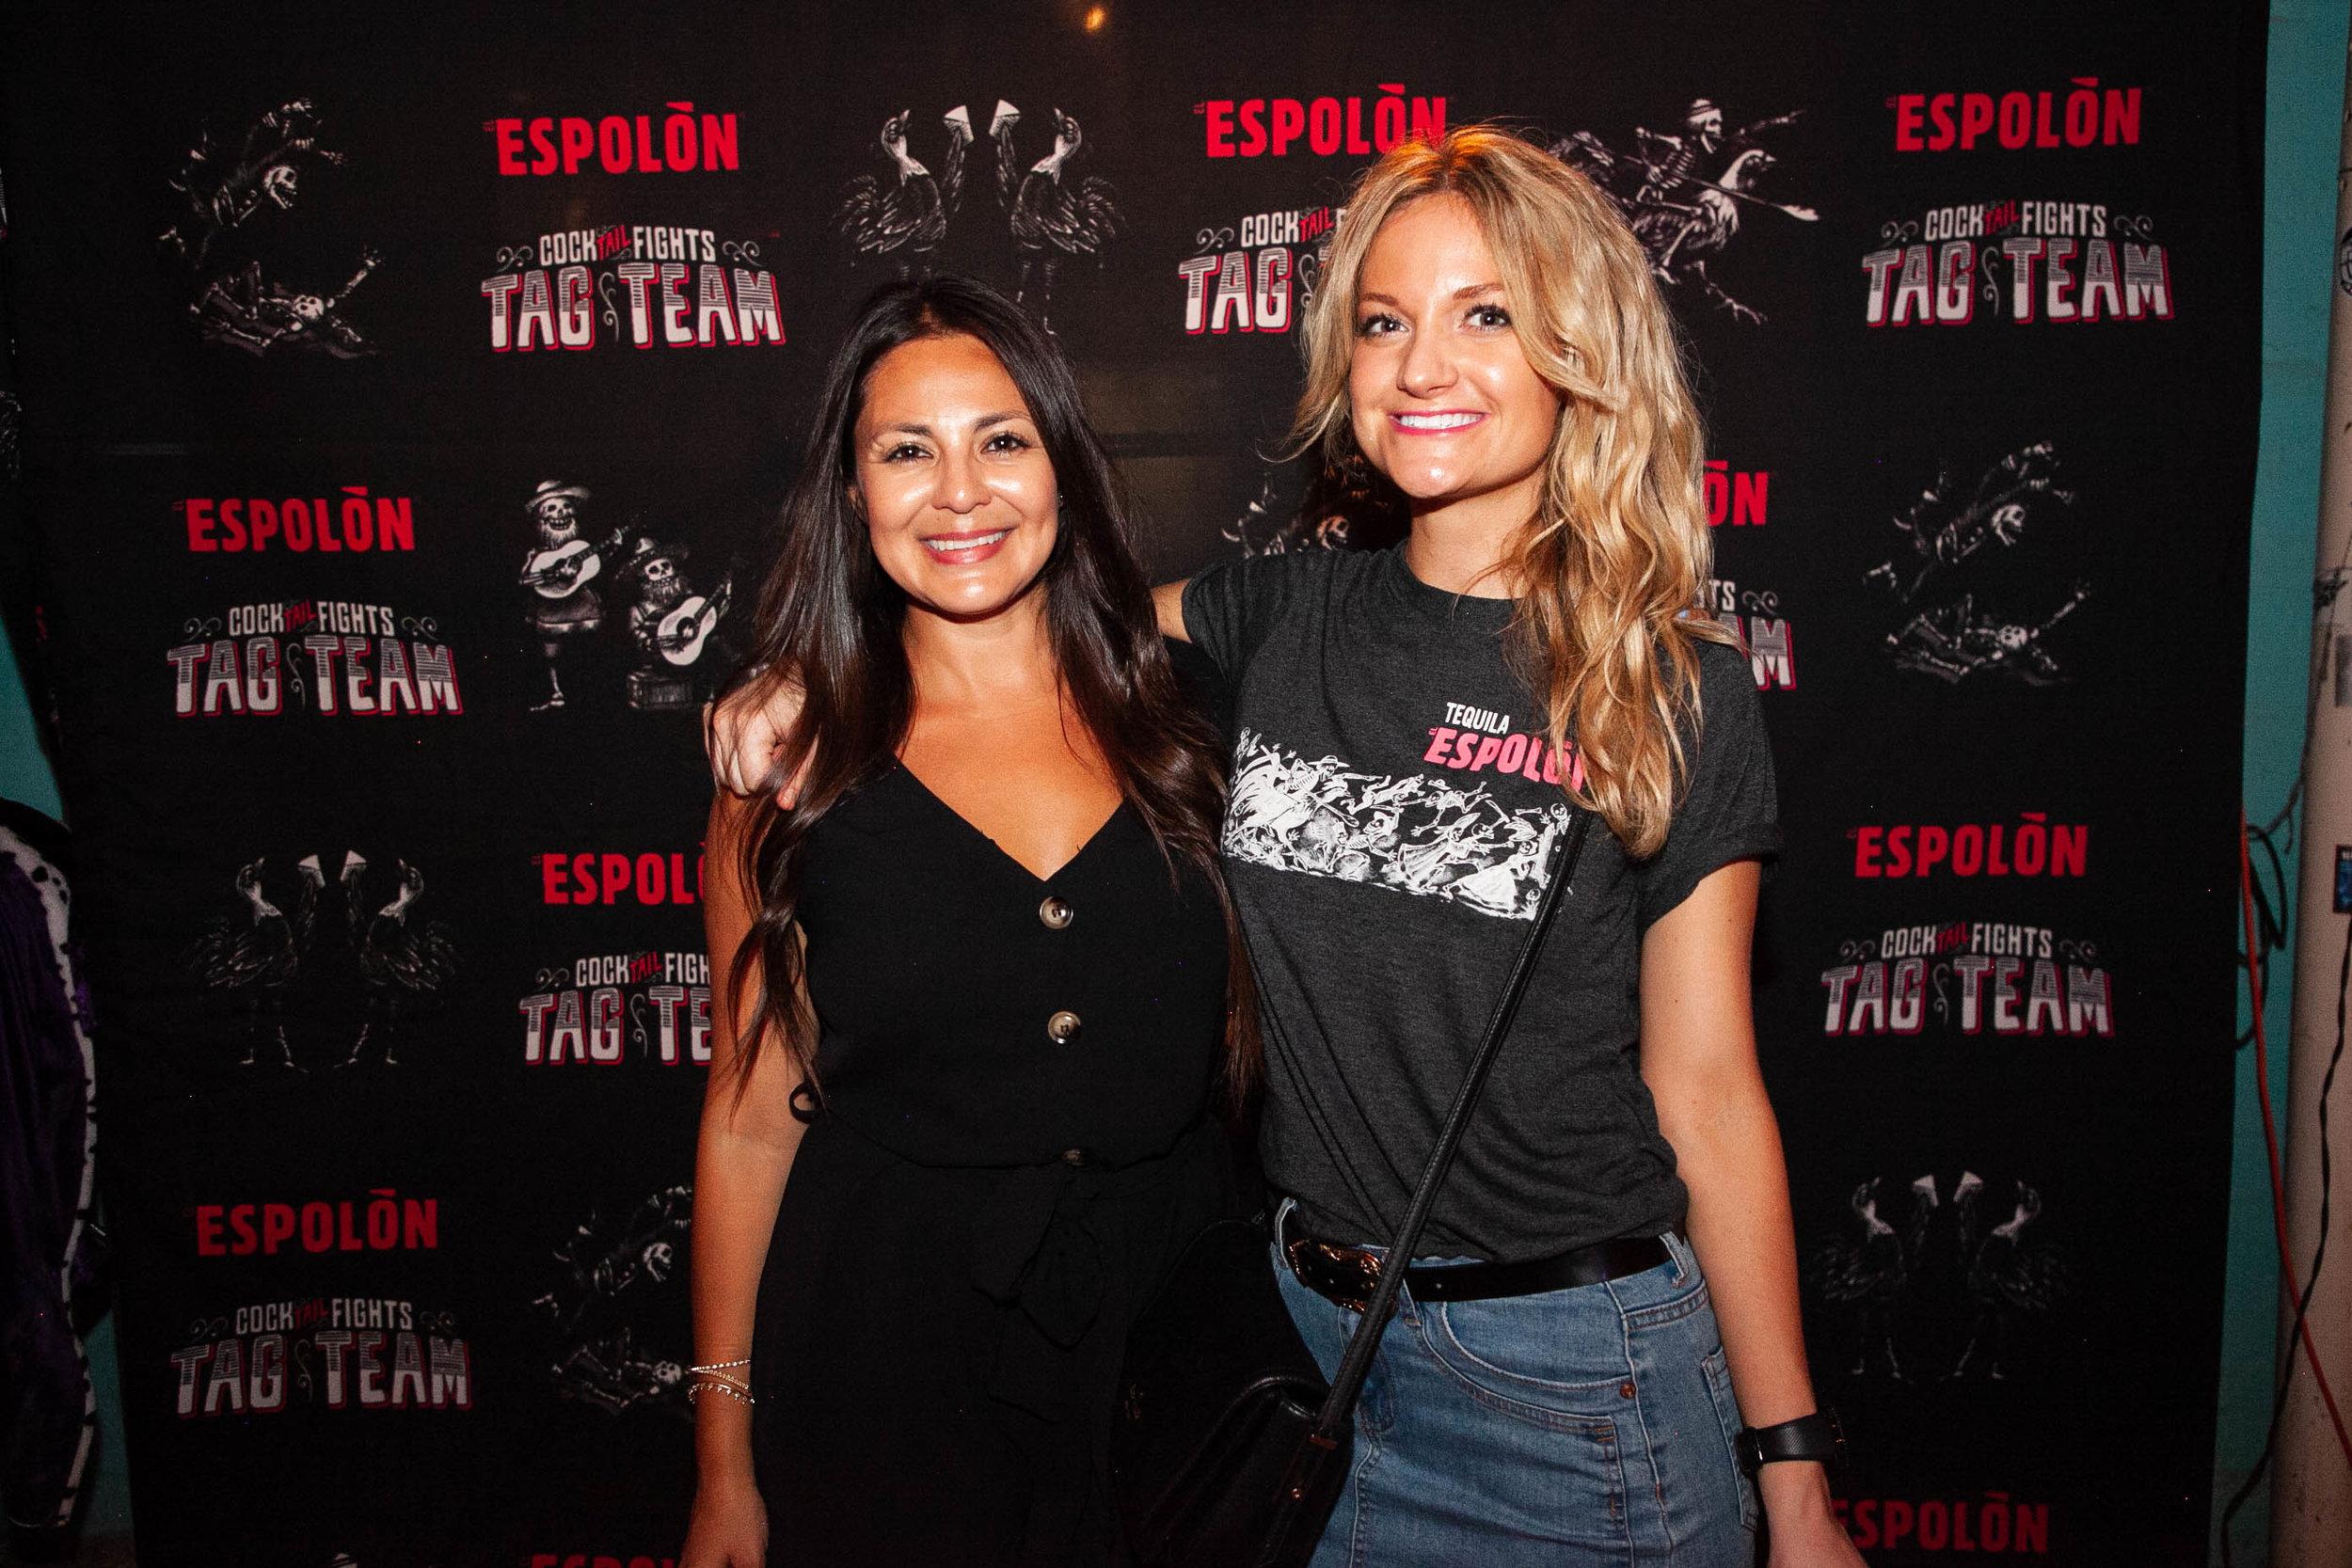 espolon _tequila_event (29 of 35).jpg